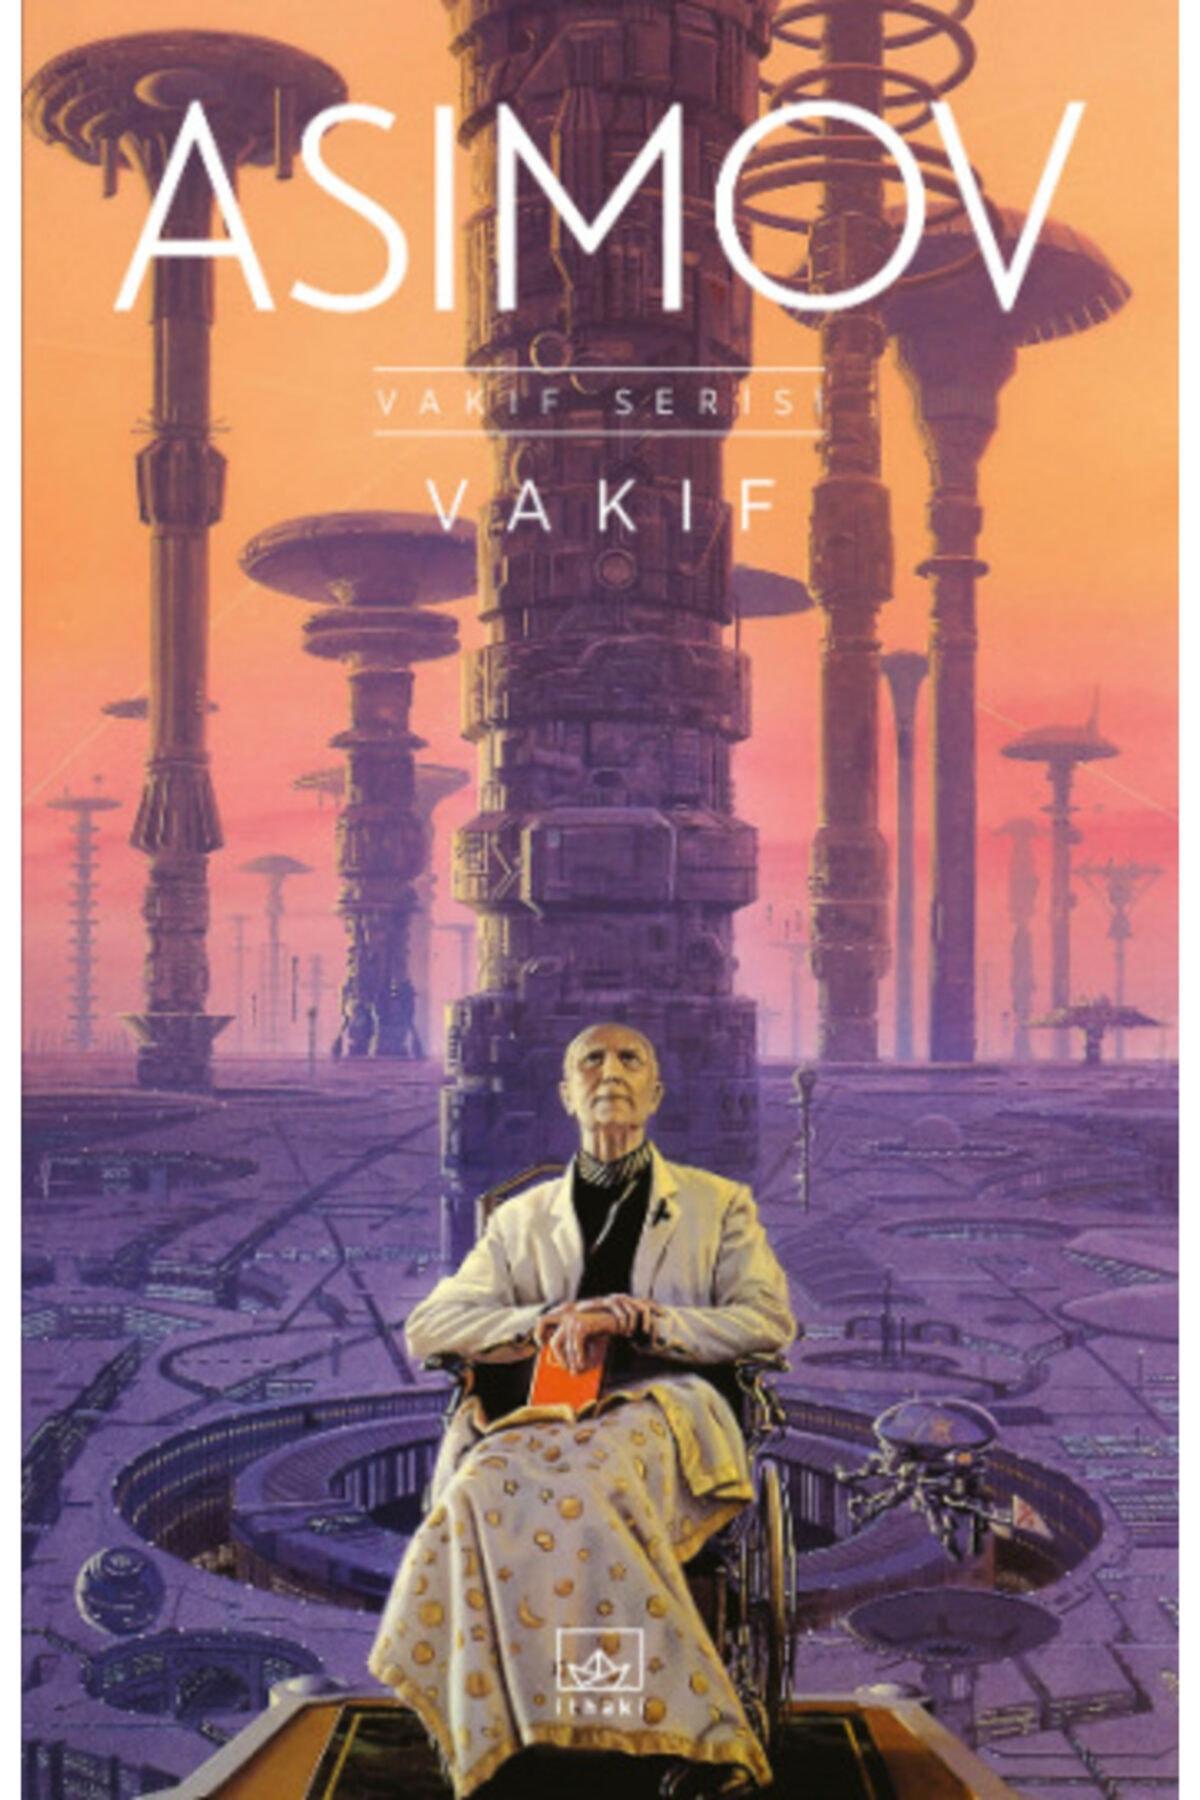 İthaki Yayınları Vakıf - - Isaac Asimov 1